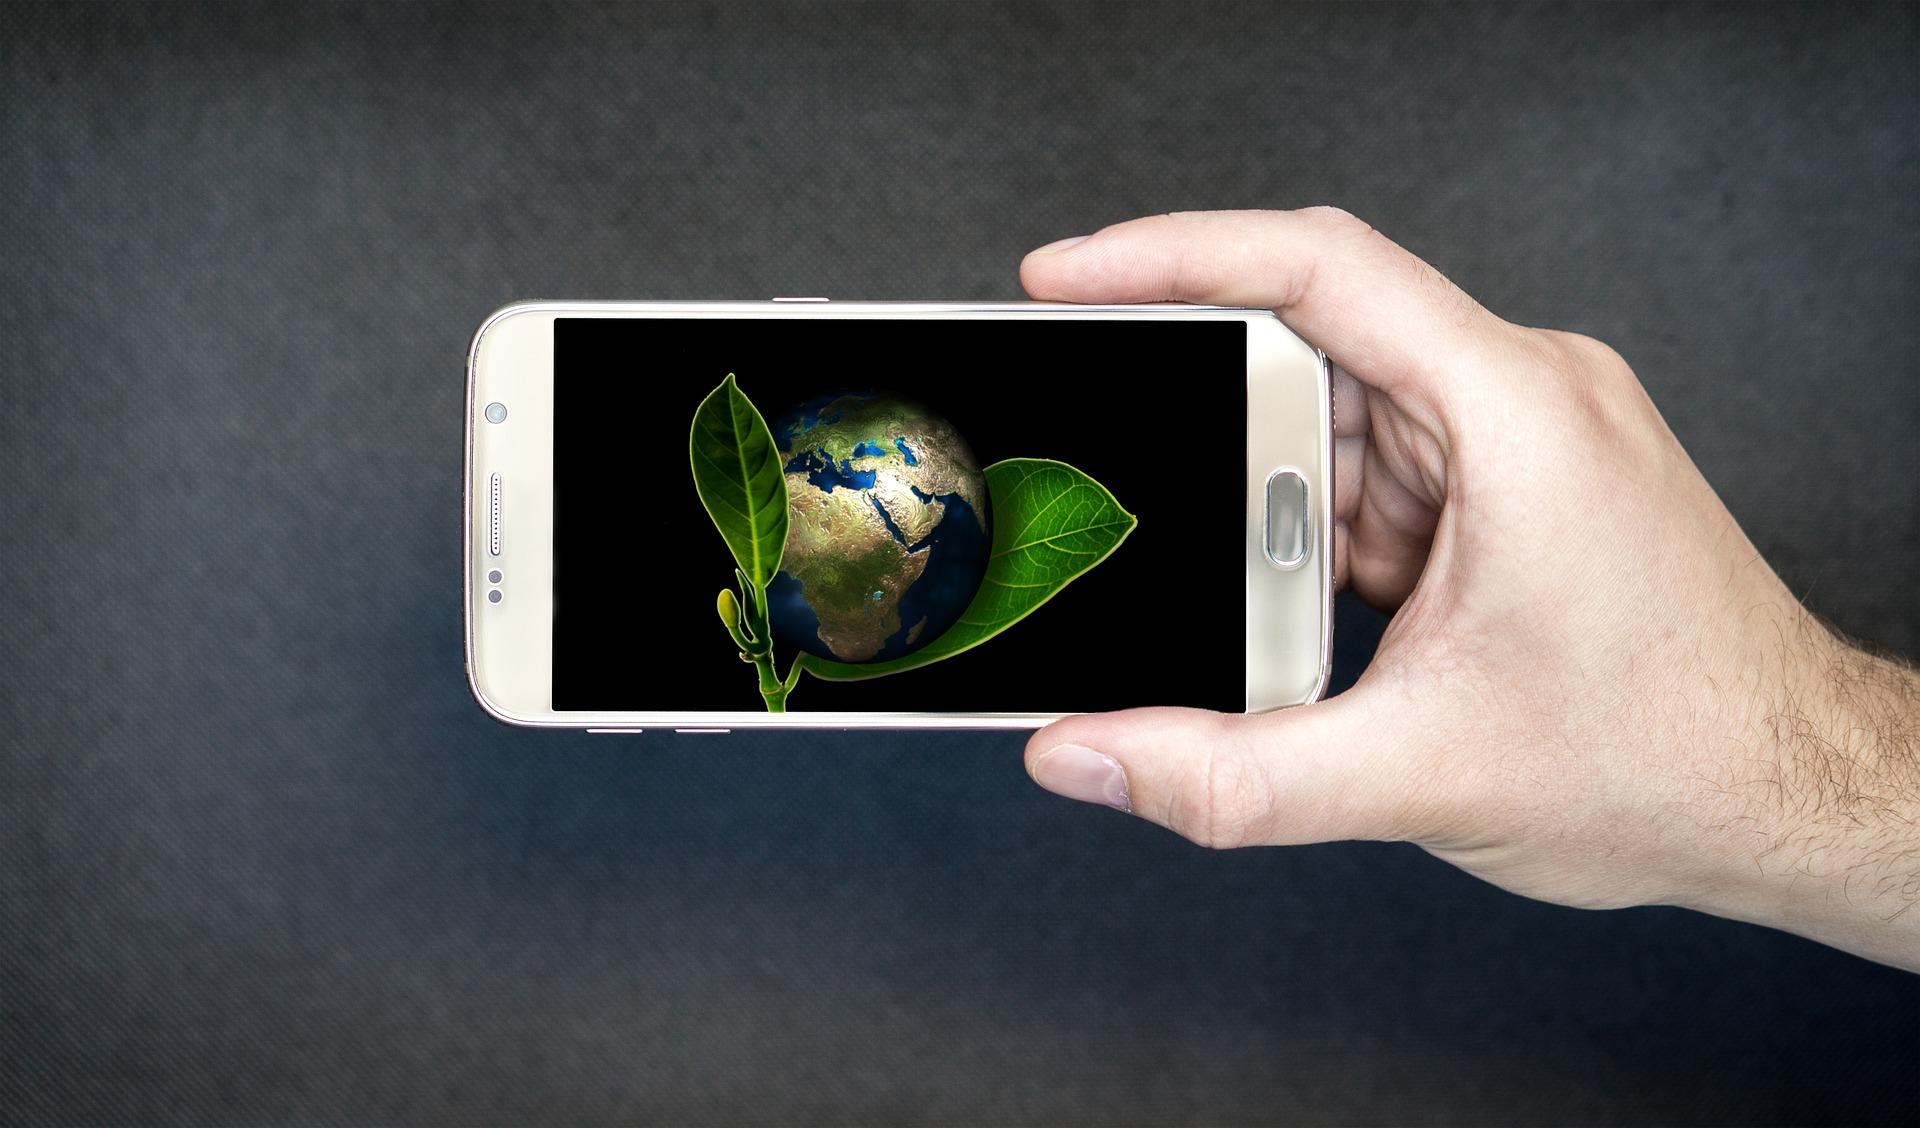 teléfono inteligente - Tecnología ambiental: ¿de qué manera puede ayudarnos a salvar la Tierra?